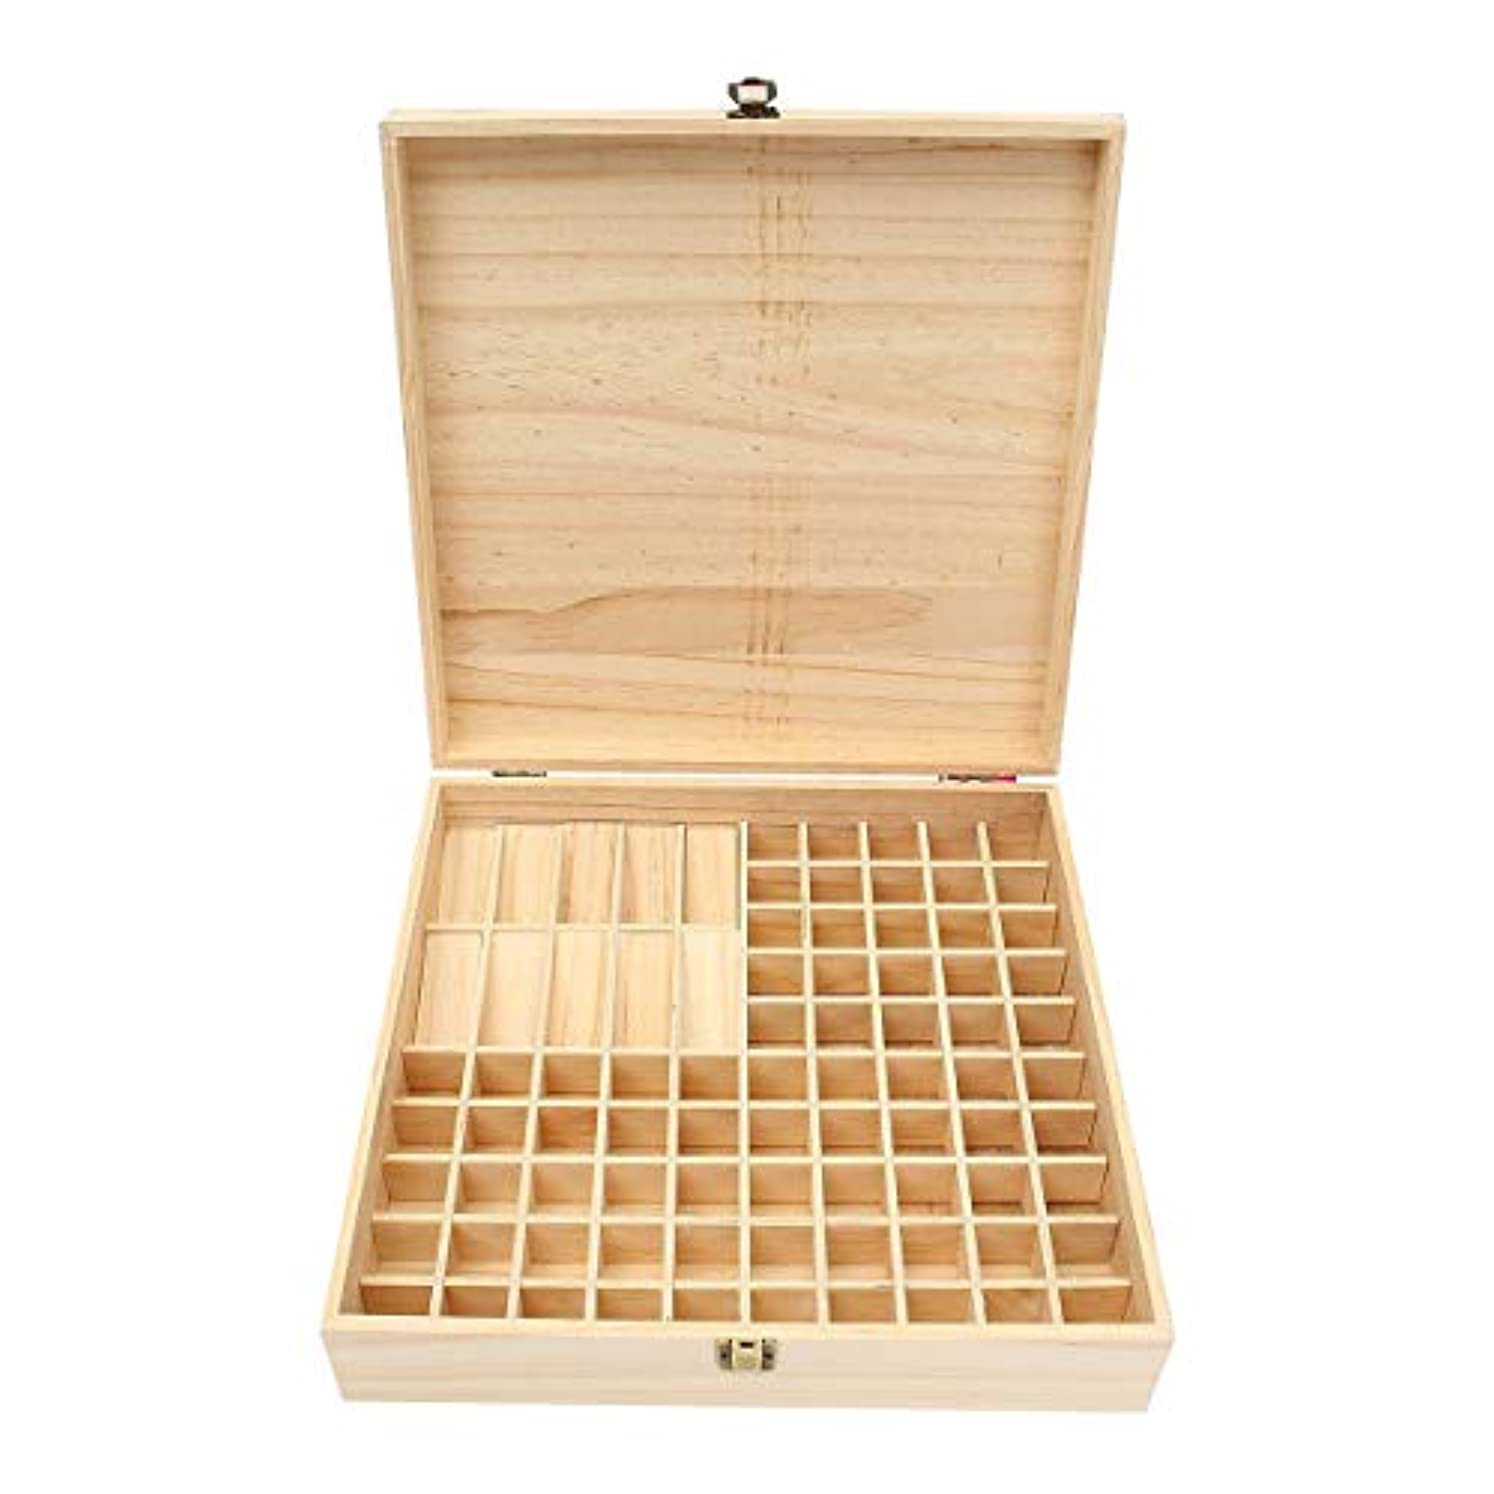 モルヒネパスタ行うTINKSKY エッセンシャルオイルケース アロマケース 木製 アロマオイルスタンド 精油ボックス 精油収納 仕切りボックス 85本収納